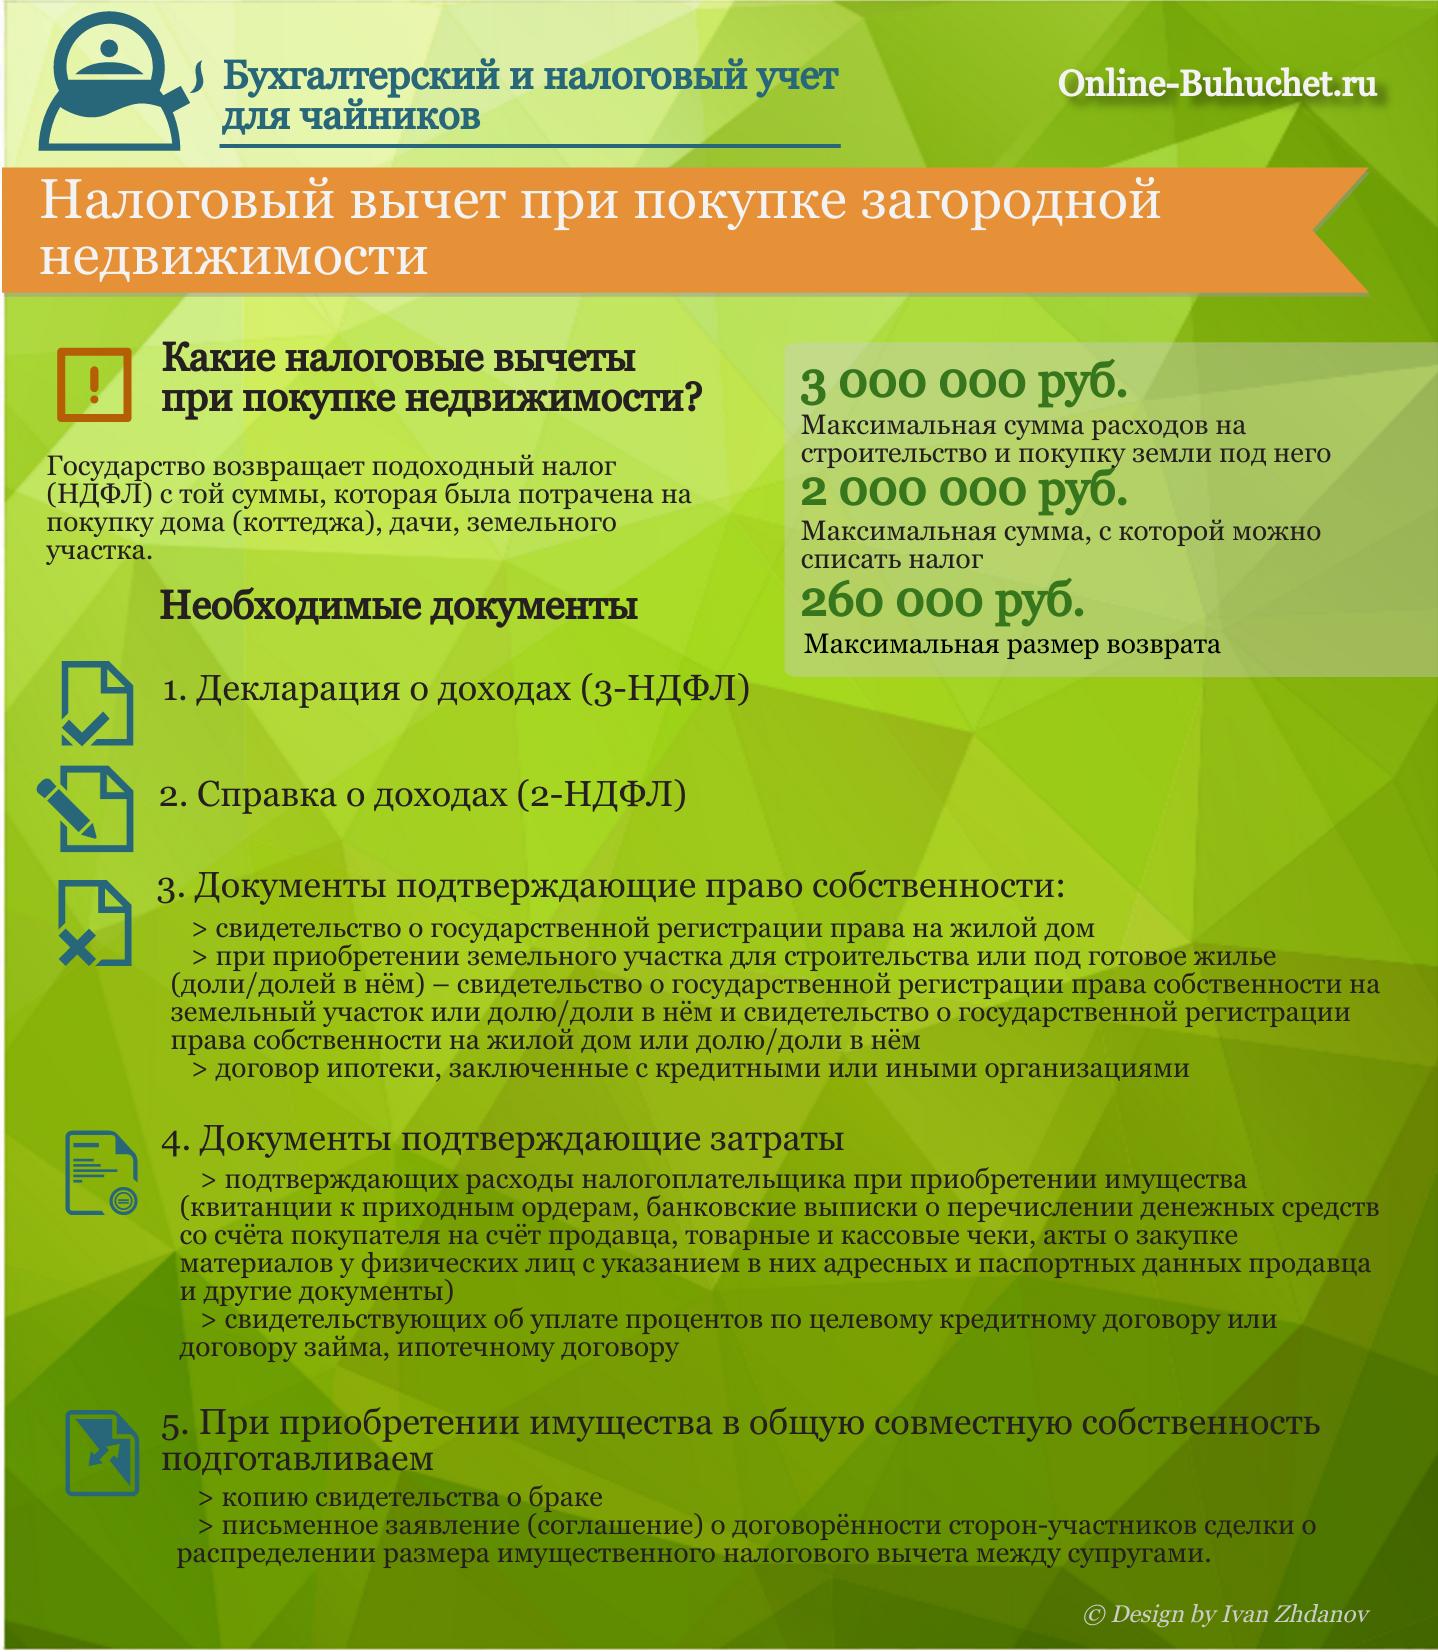 Налоговый вычет при покупки дачи: документы